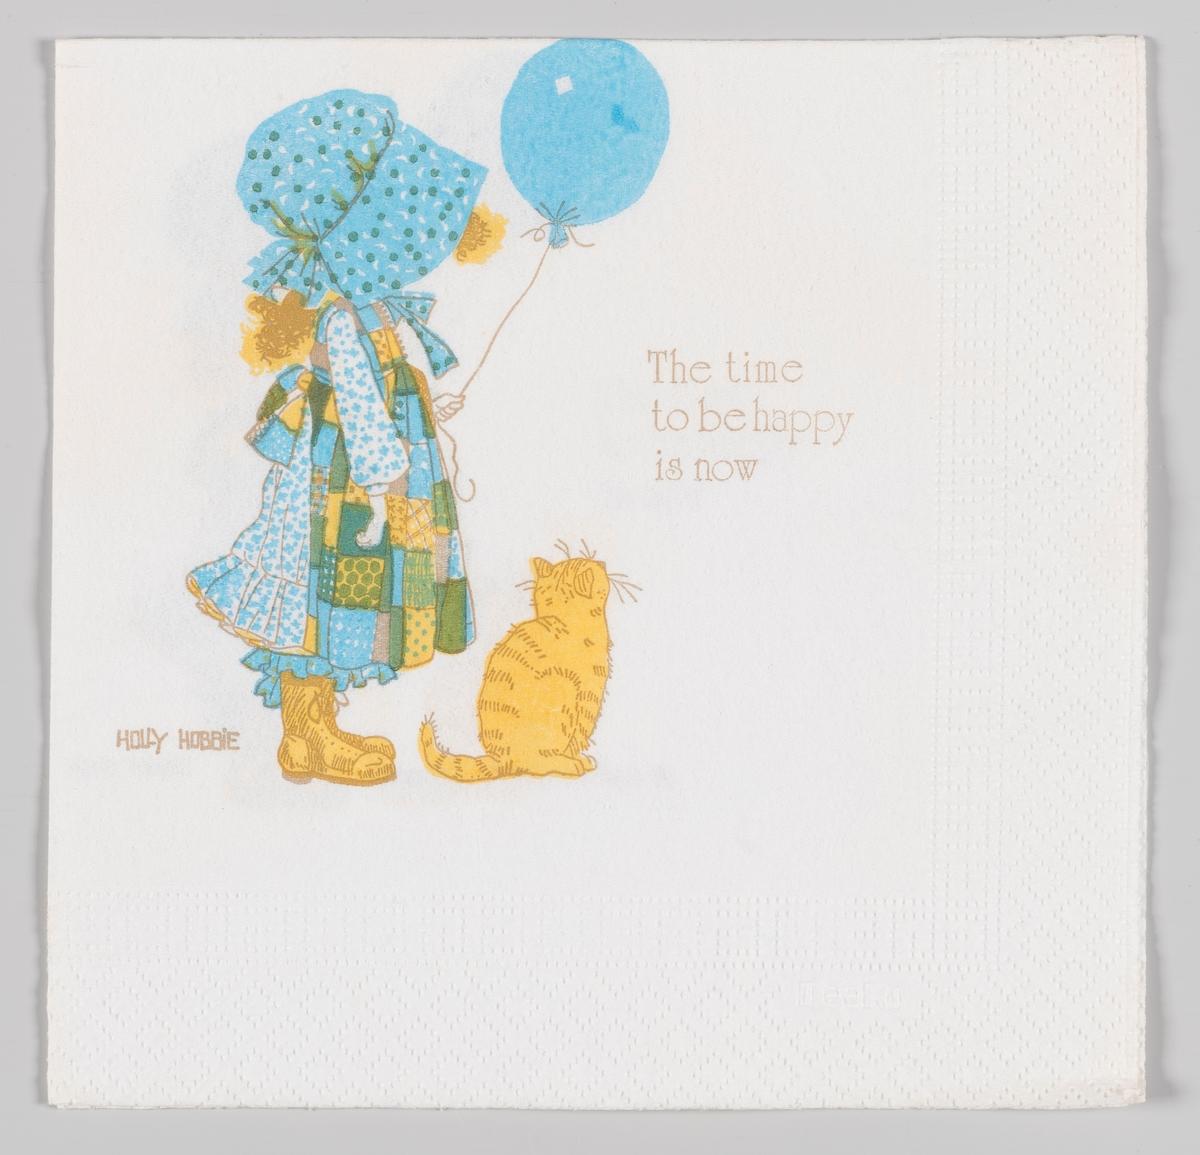 En jente med en stor kyse som dekker ansiktet. Jenta er i kjole med forkle og holder en blå ballong. En gul katt sitter ved siden av jenta.